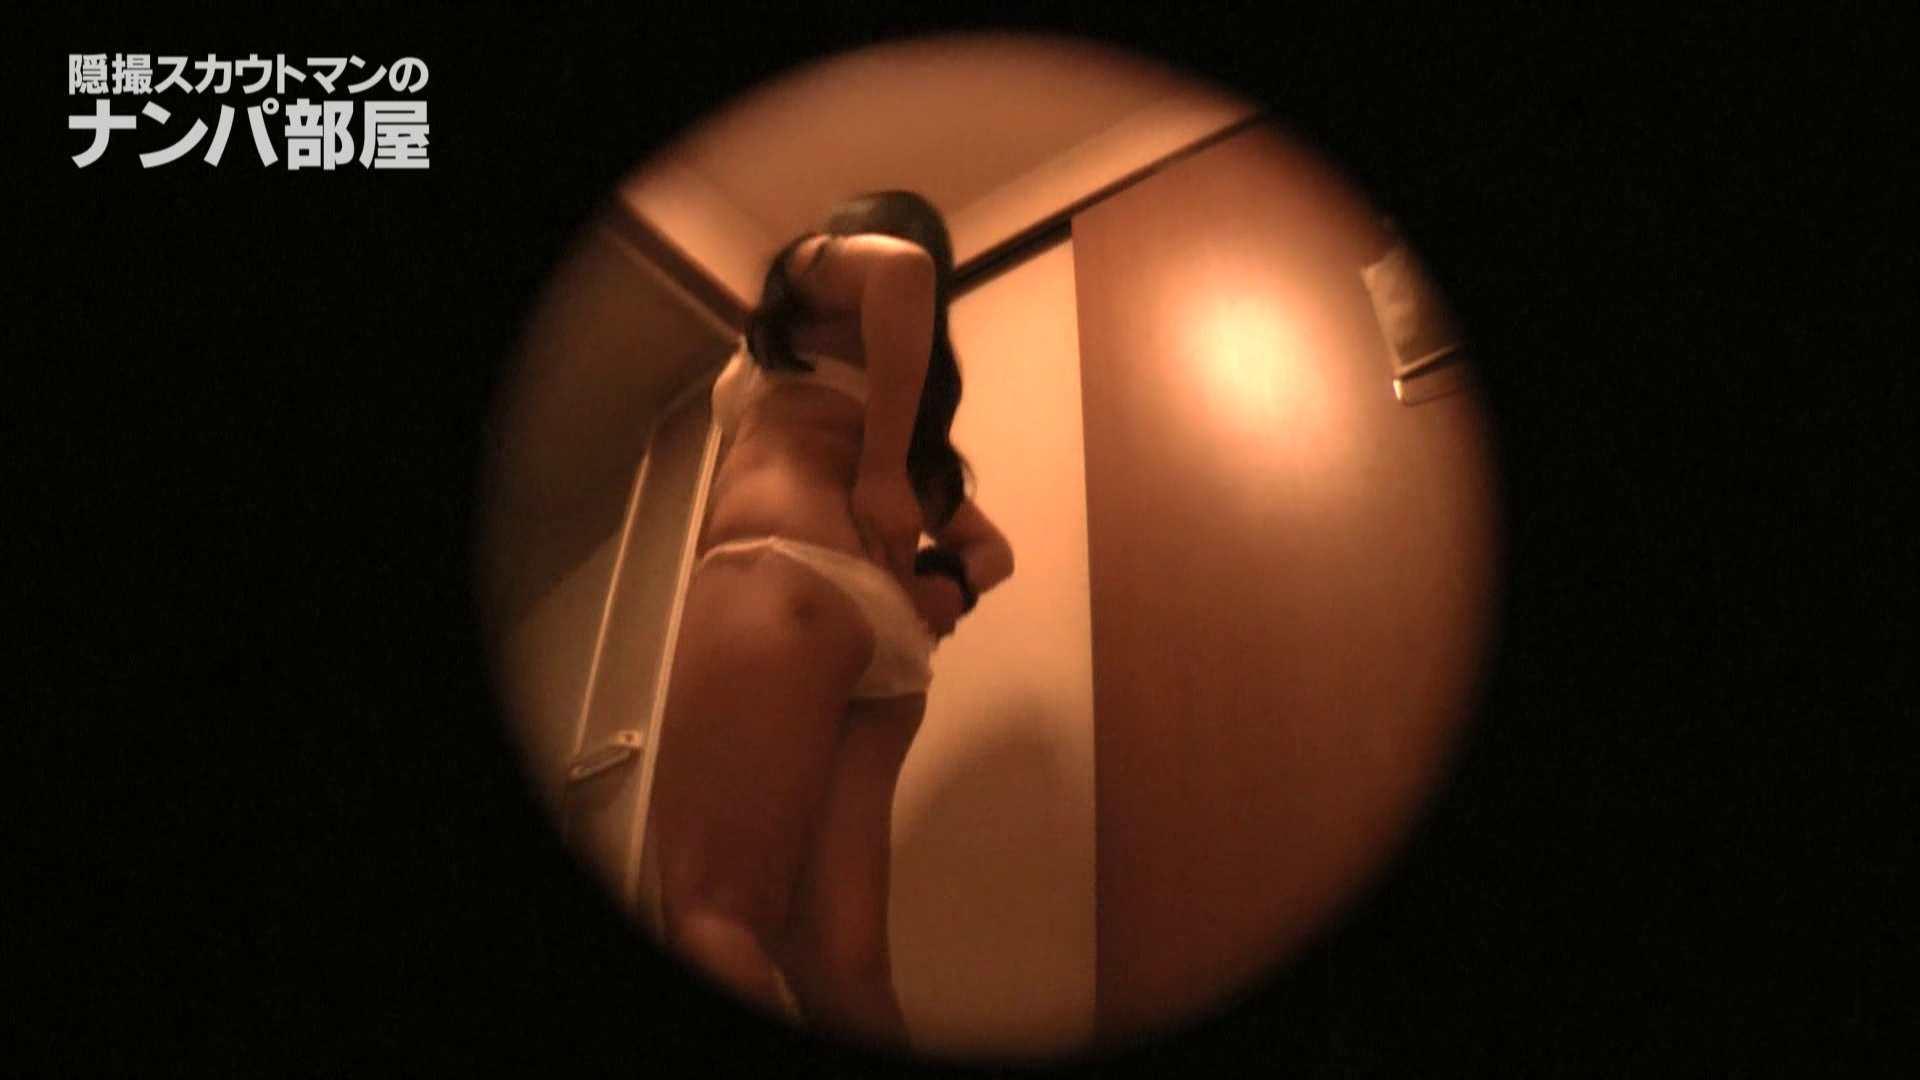 隠撮スカウトマンのナンパ部屋~風俗デビュー前のつまみ食い~hanavol.2 ナンパ えろ無修正画像 88pic 23